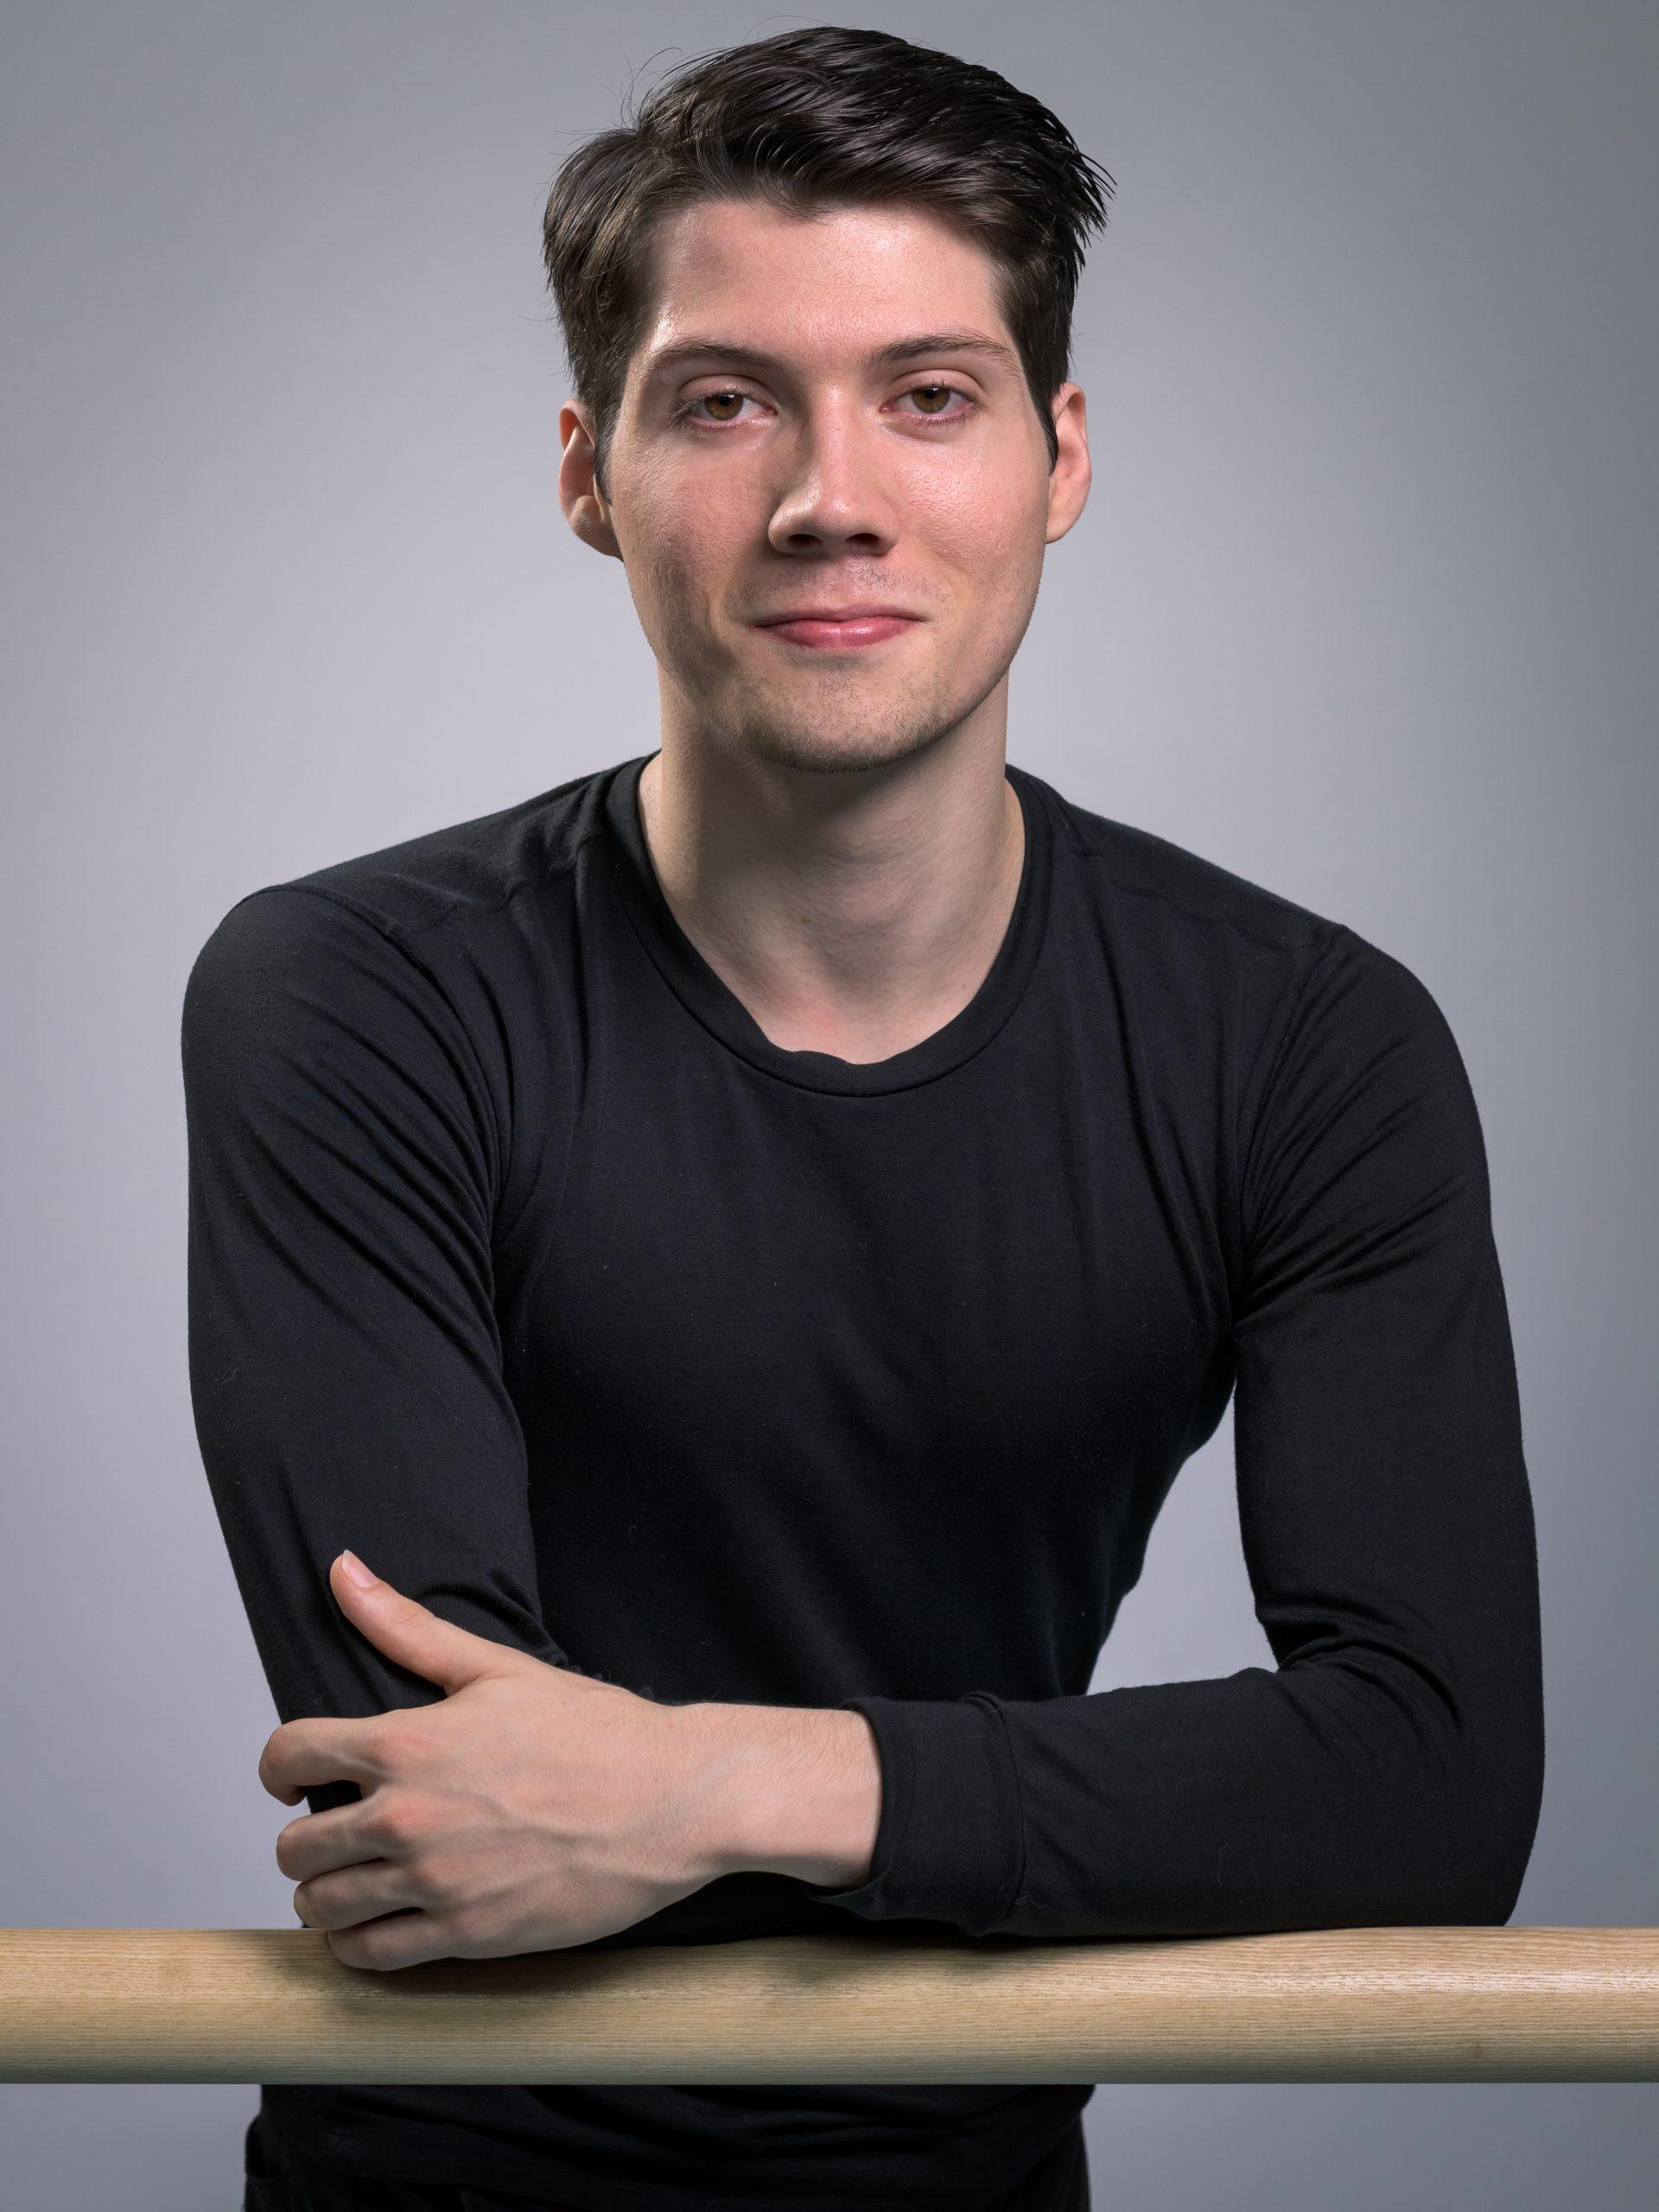 Peter Vassili (Balet)